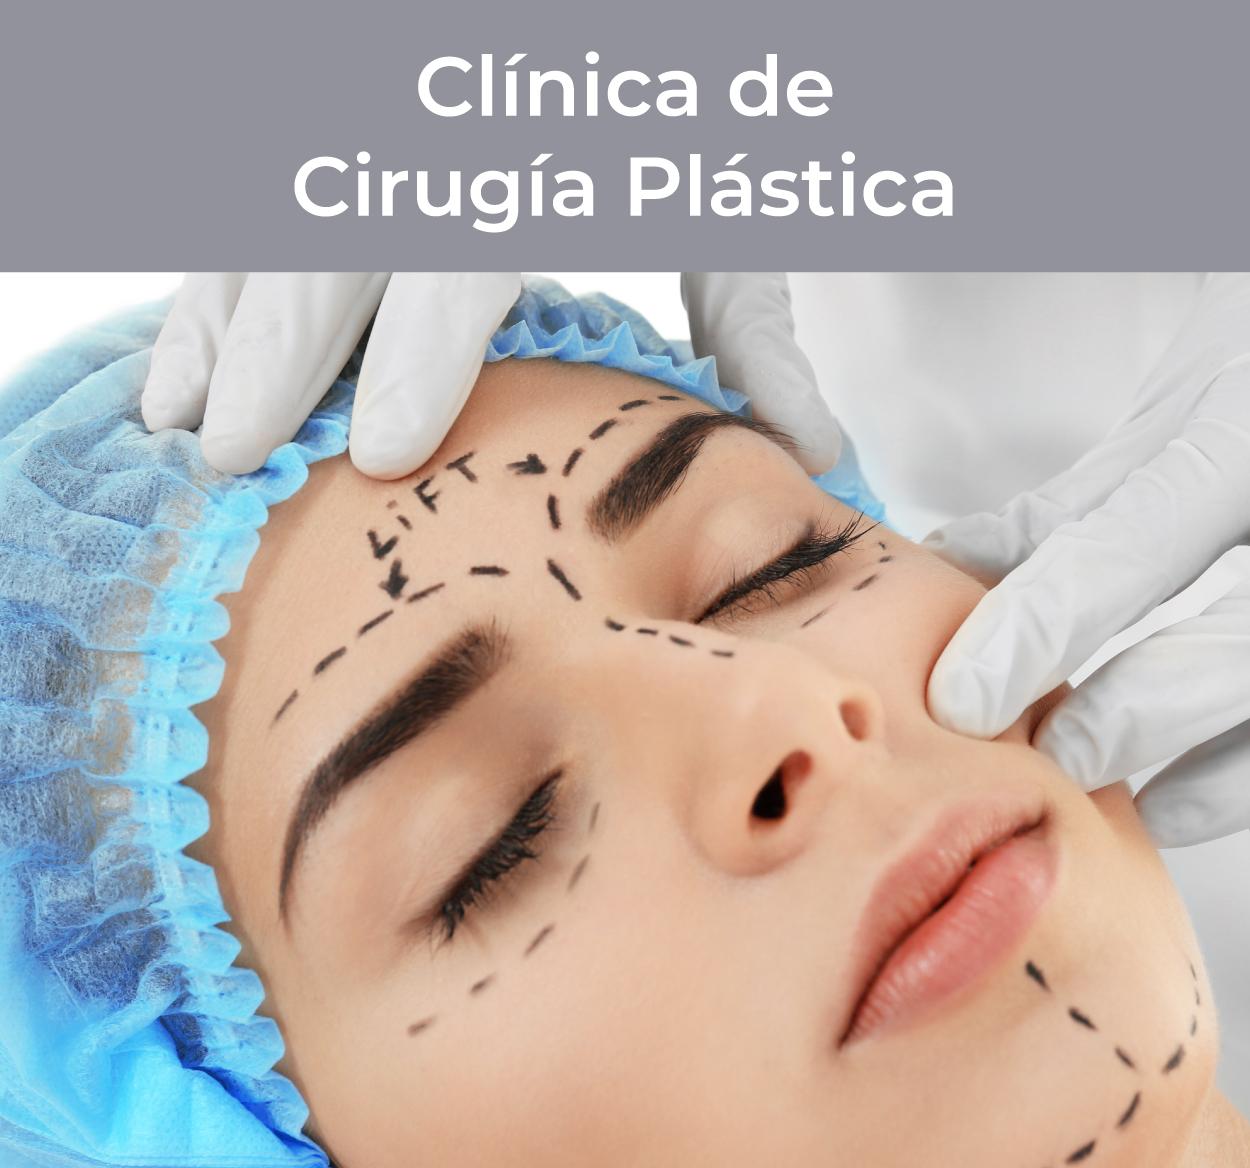 Clínica de Cirugía Plástica